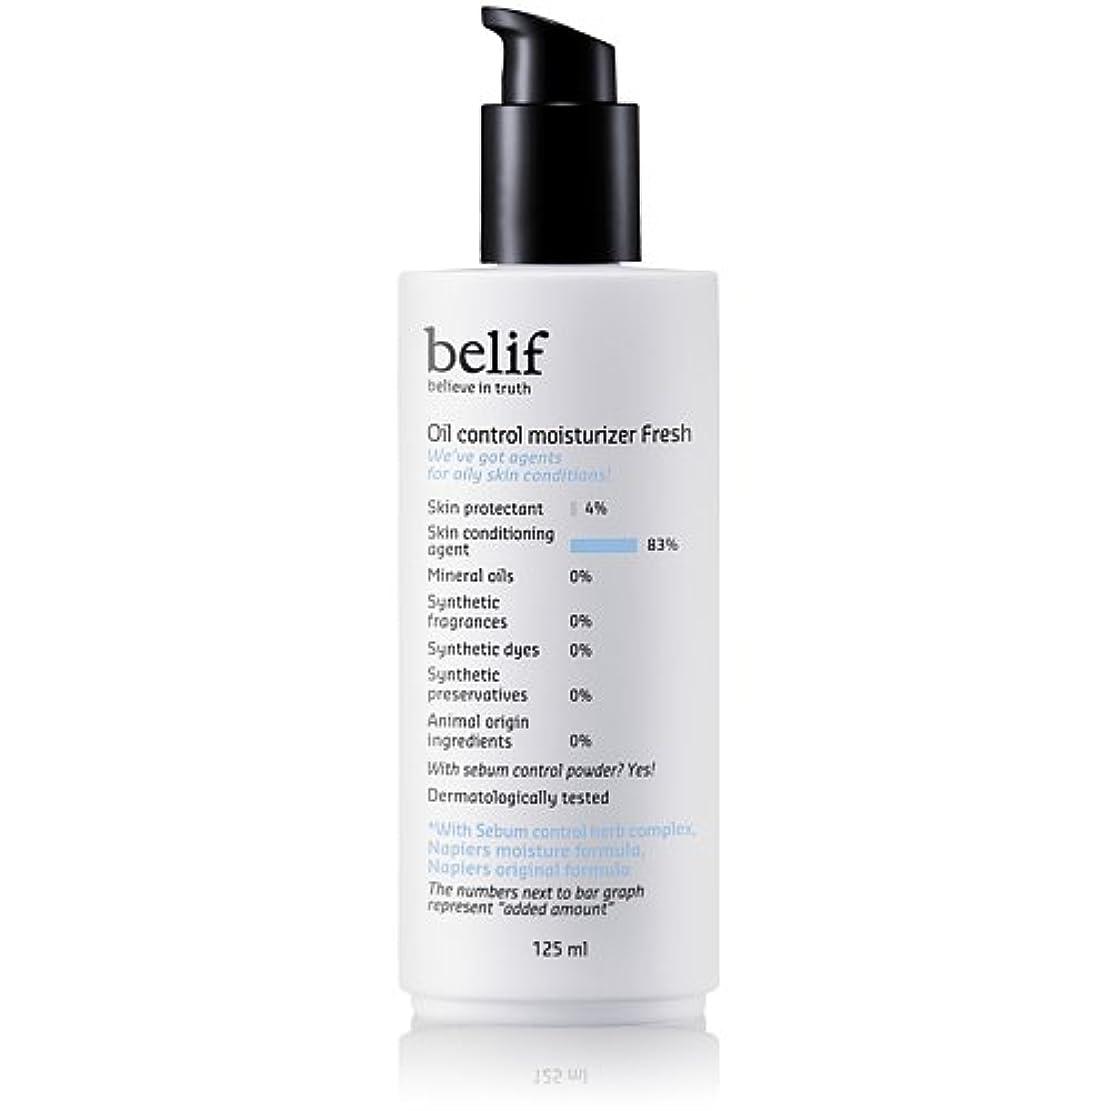 私たちのものなぜレンダリングBelif(ビリーフ)Oil control moisturizer fresh 125ml/ビリーフオイルコントロールモイスチャライザーフレッシュ?脂性肌用[韓国コスメ/オーガニックコスメ]